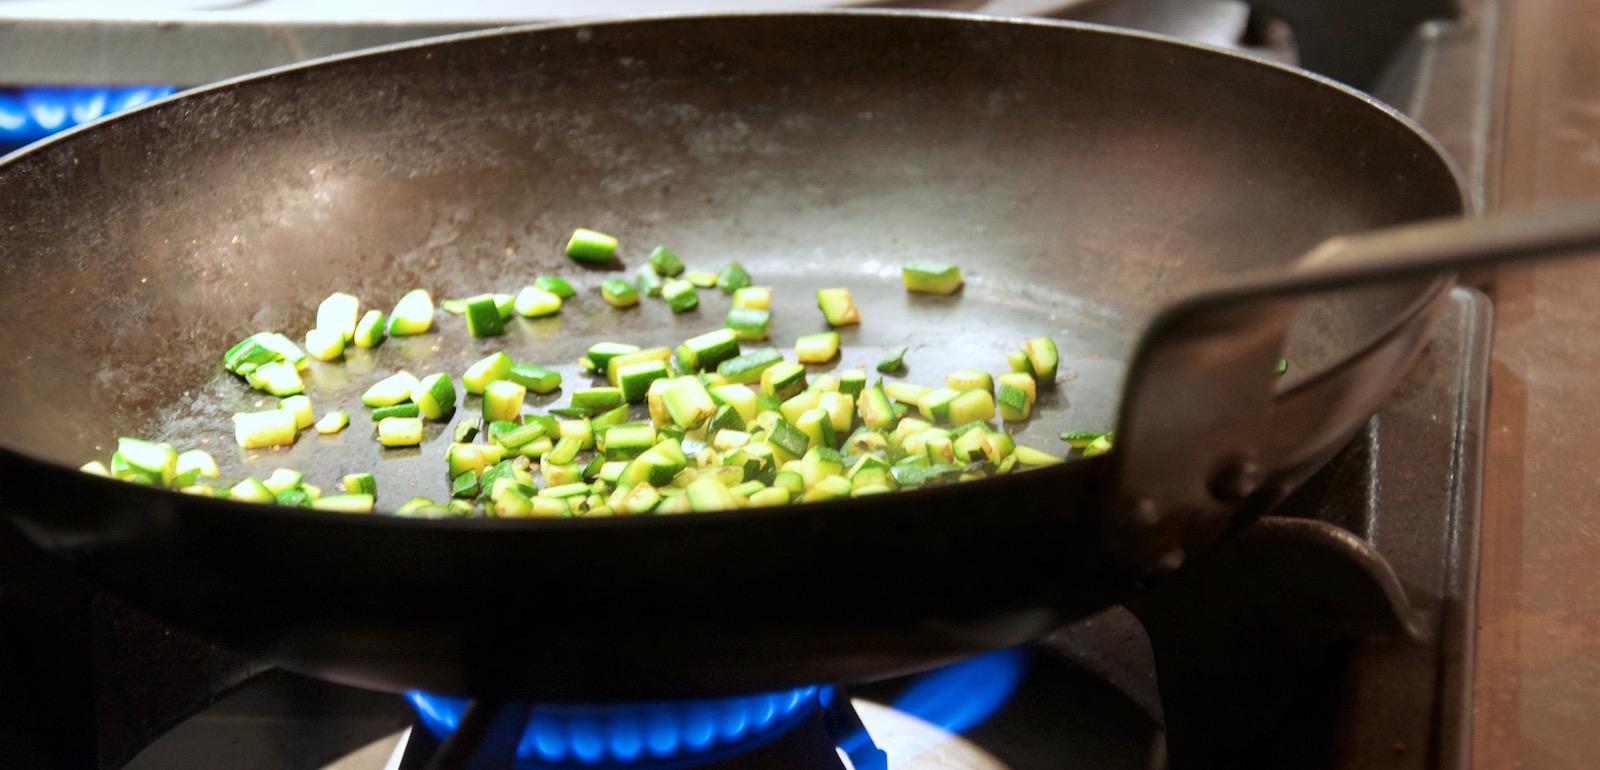 La padella di ferro, strumento indispensabile per gli appassionati di cucina vegetariana o vegana.